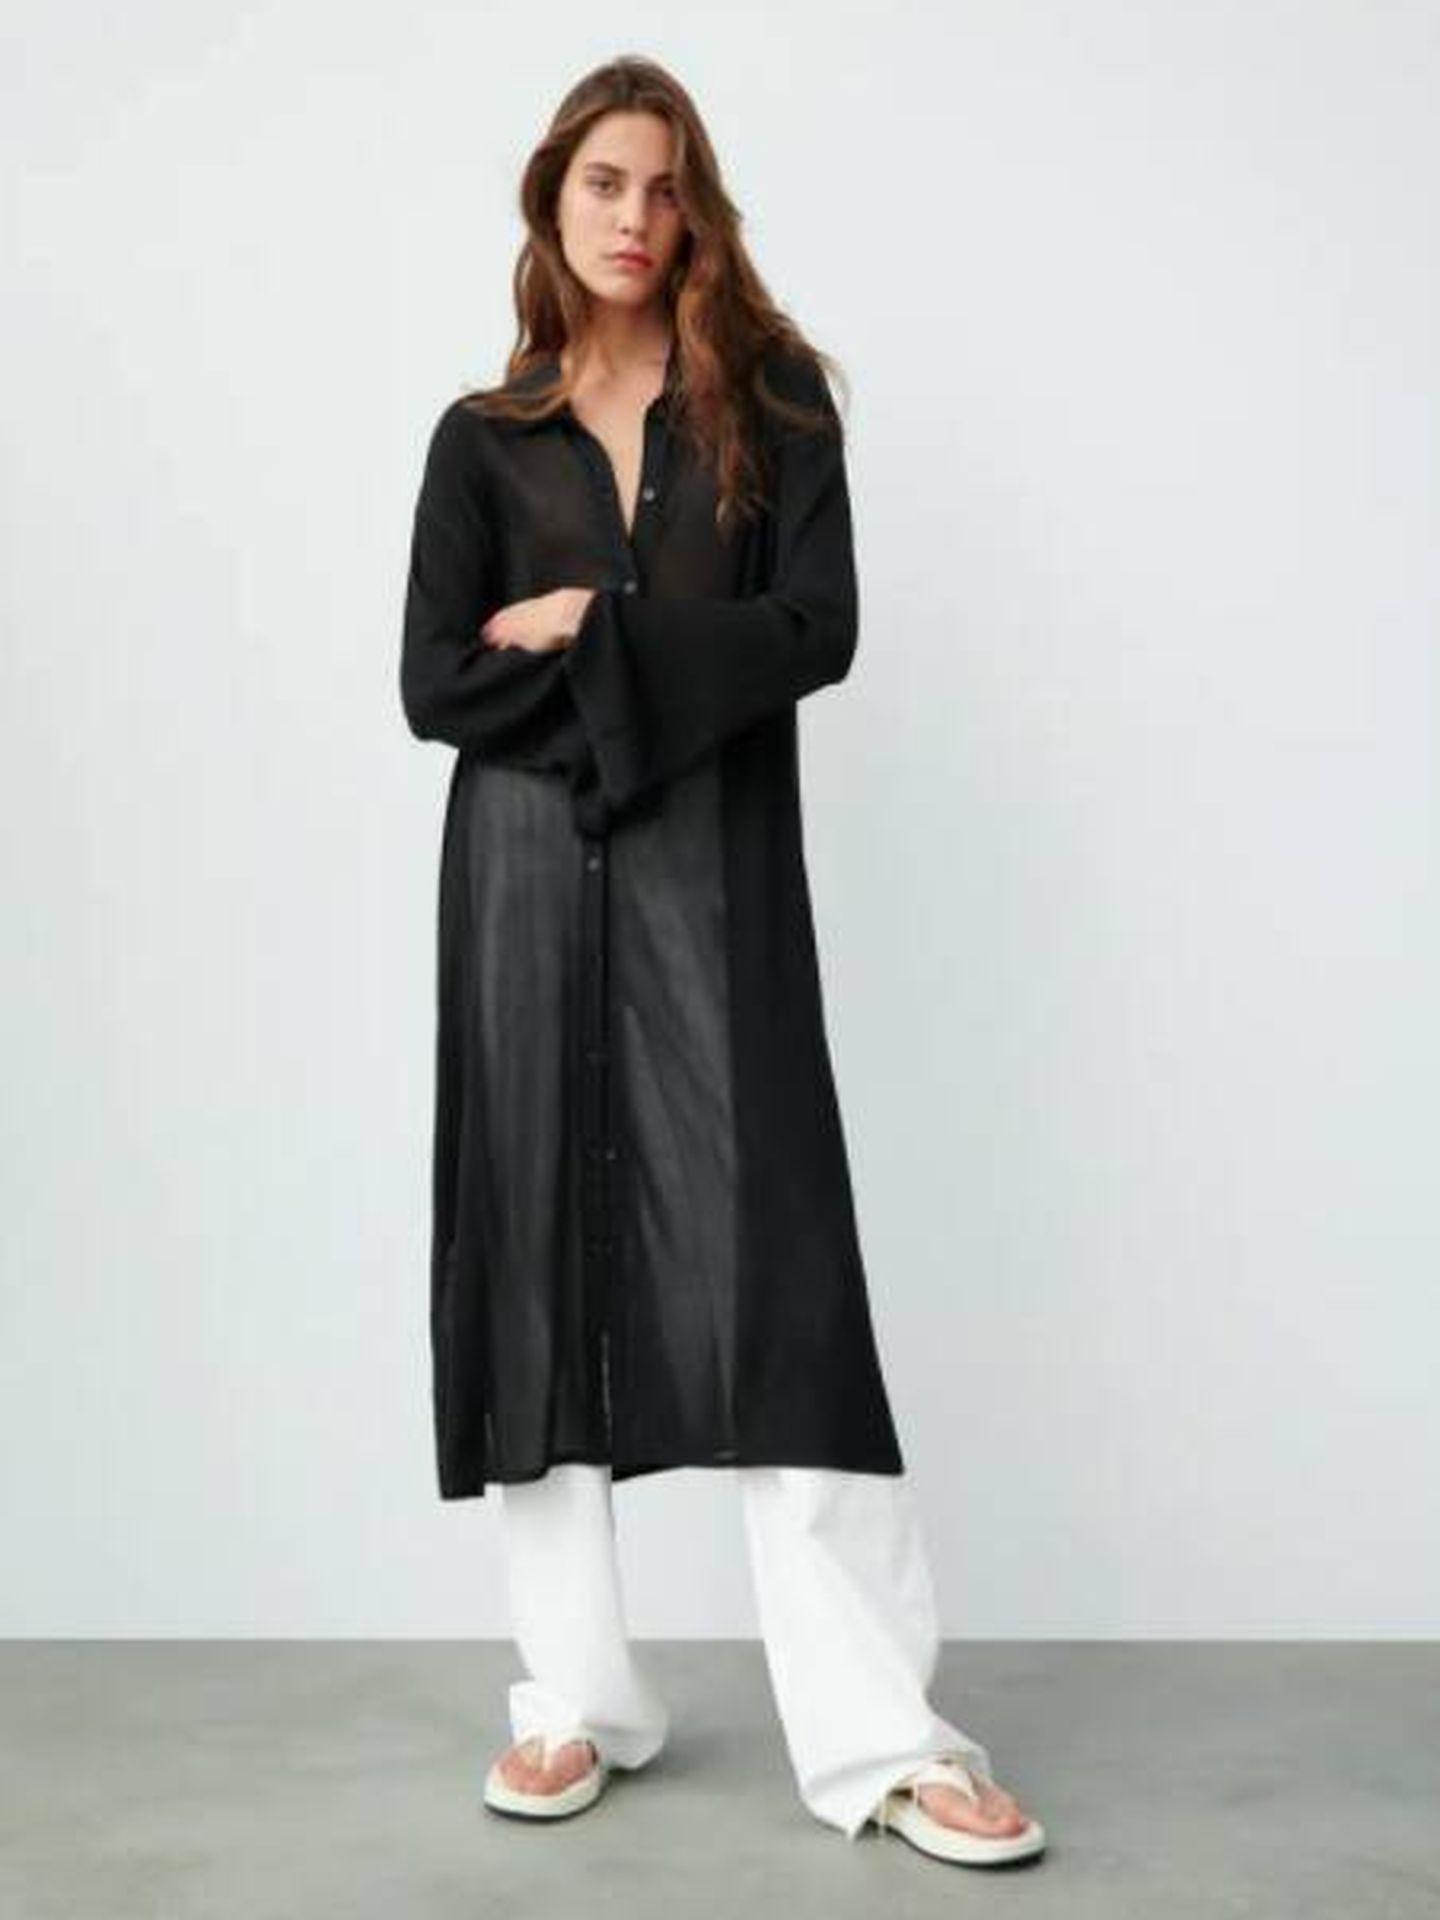 Vestido negro tipo túnica de Zara. (Cortesía)